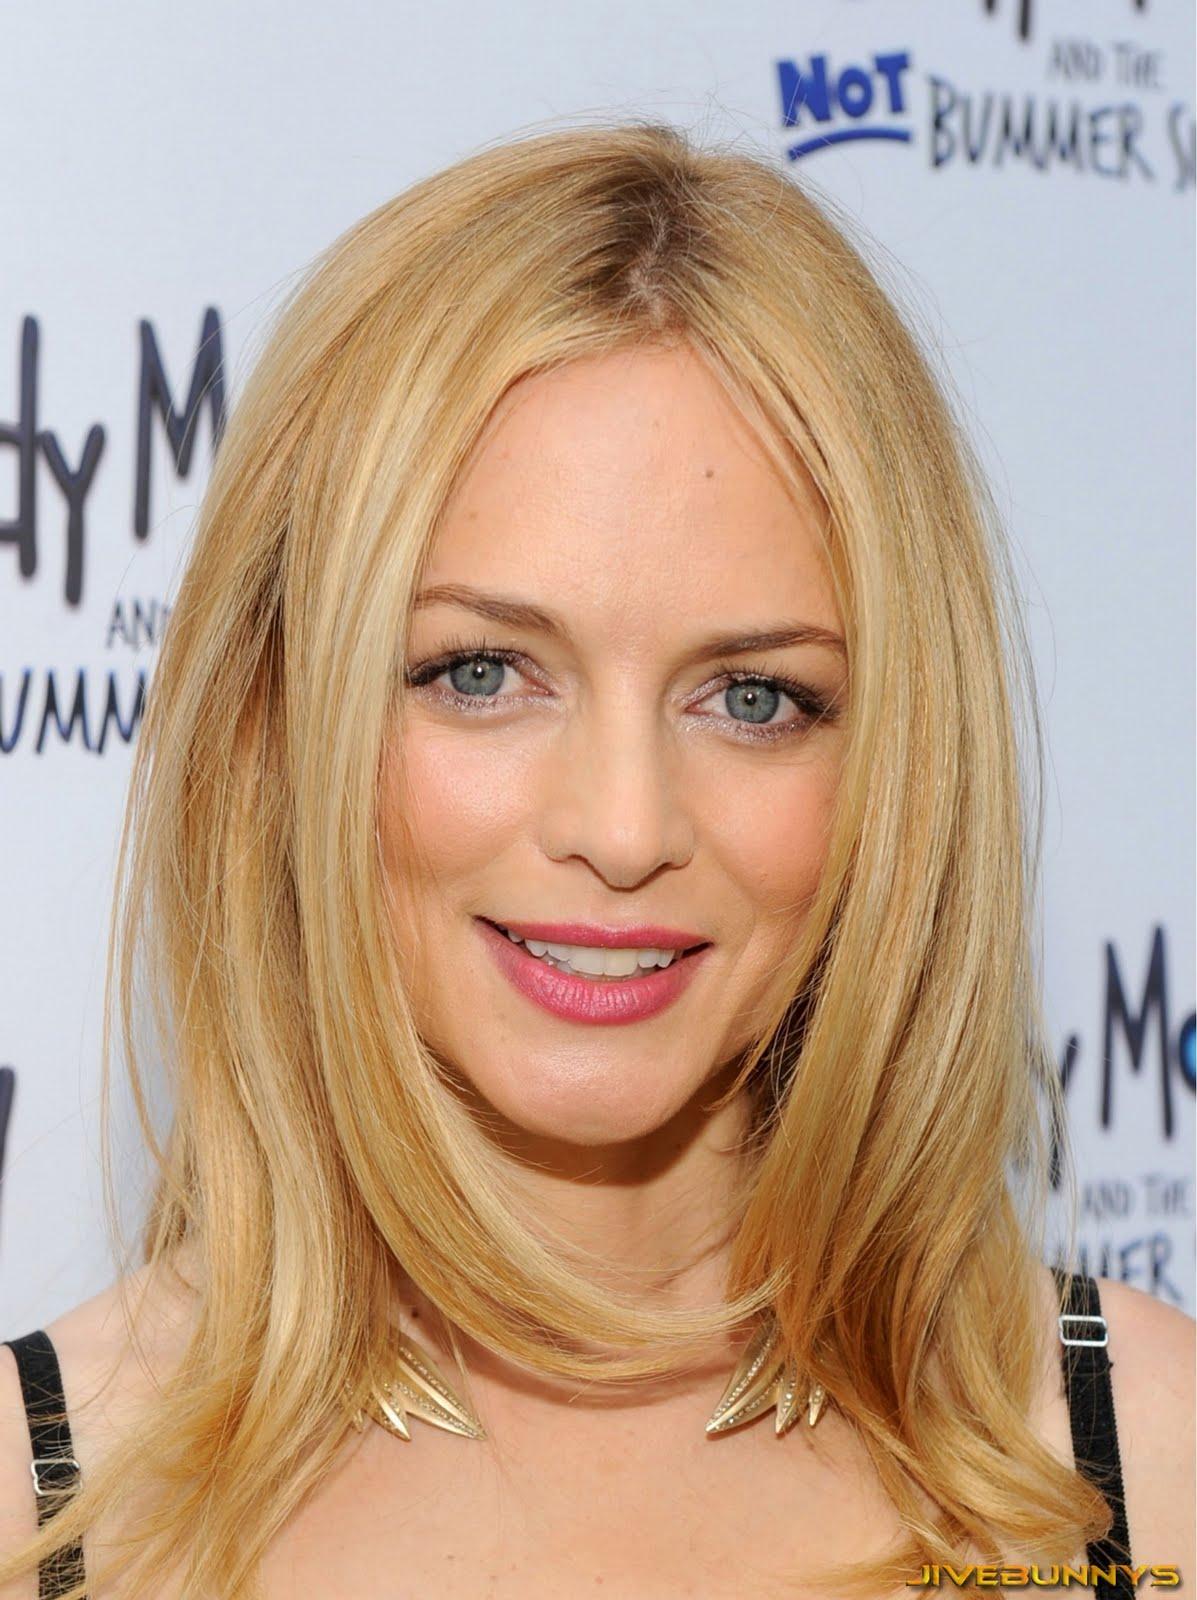 http://2.bp.blogspot.com/-nhJbuiEQ__U/Texddti5KCI/AAAAAAACNQs/UcXEnoRpHEw/s1600/heather-graham-sexy-actress-celebrity-921.jpg